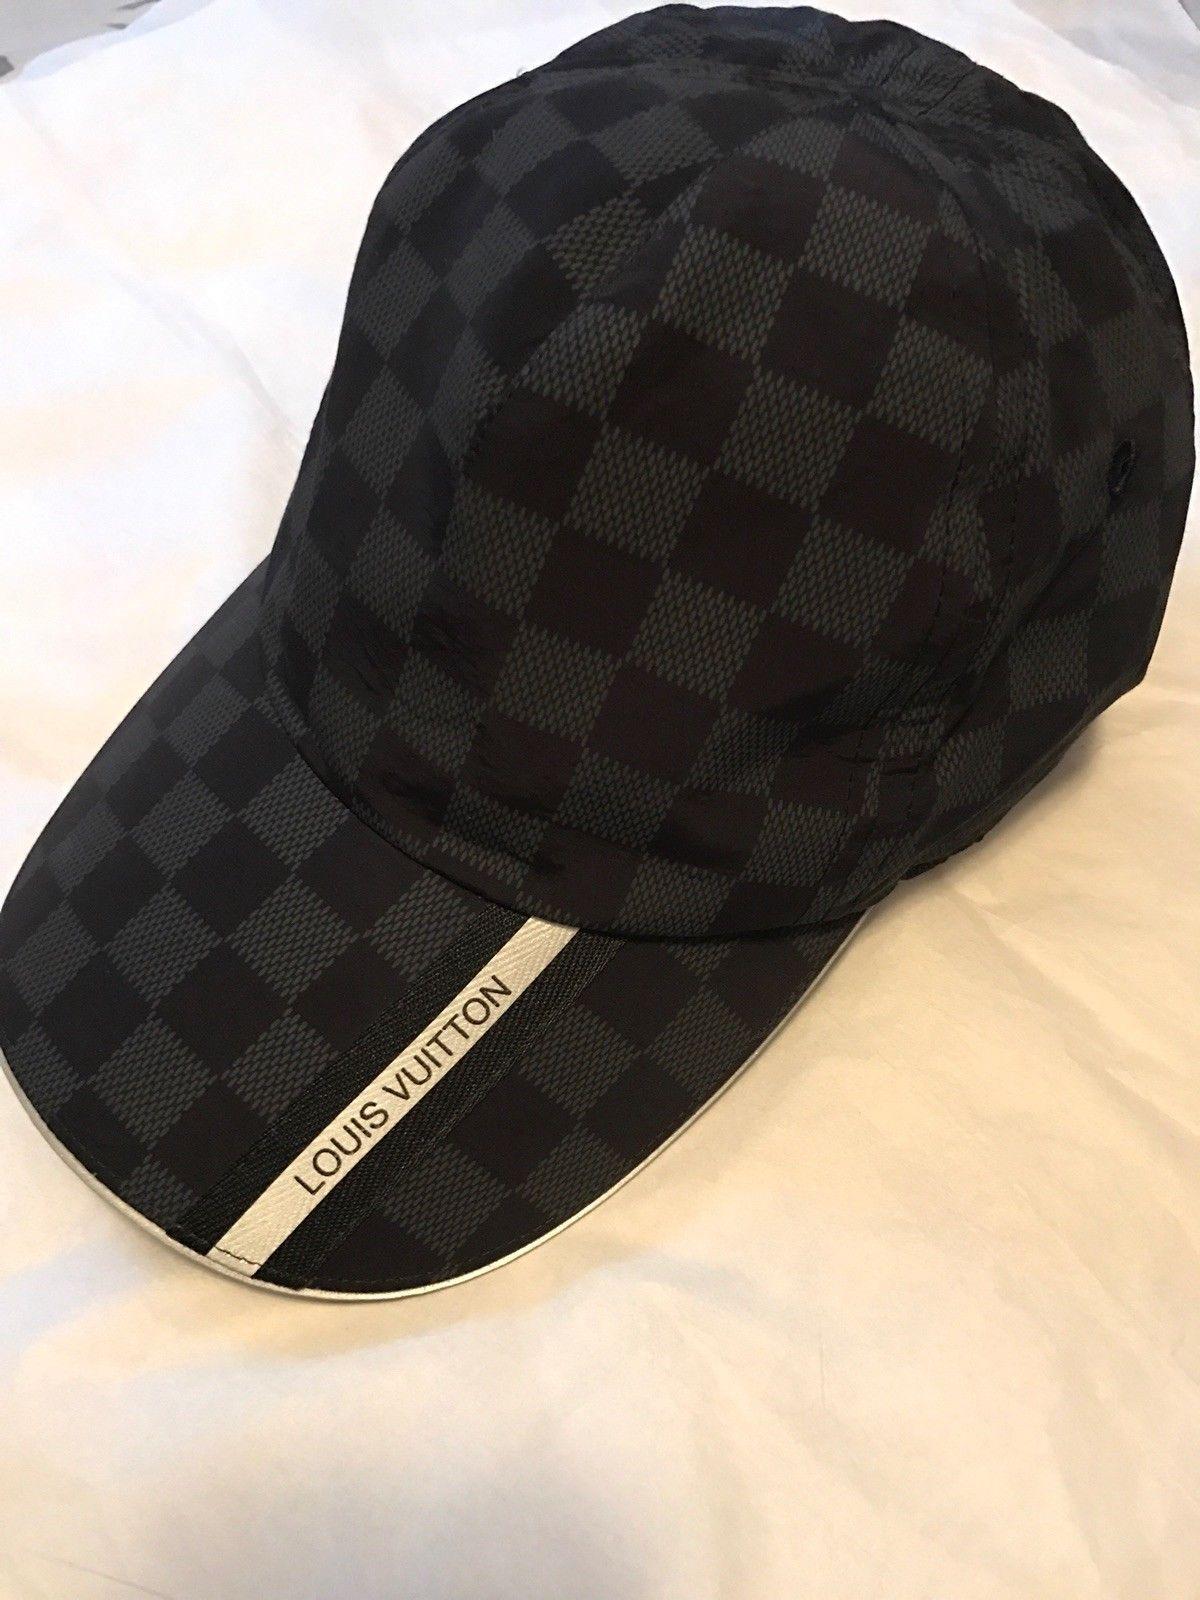 2. Une casquette Gucci, beige, en lin et coton, imprimés papiers, taille M  - vendue à 349   ! 3bdda4b872b